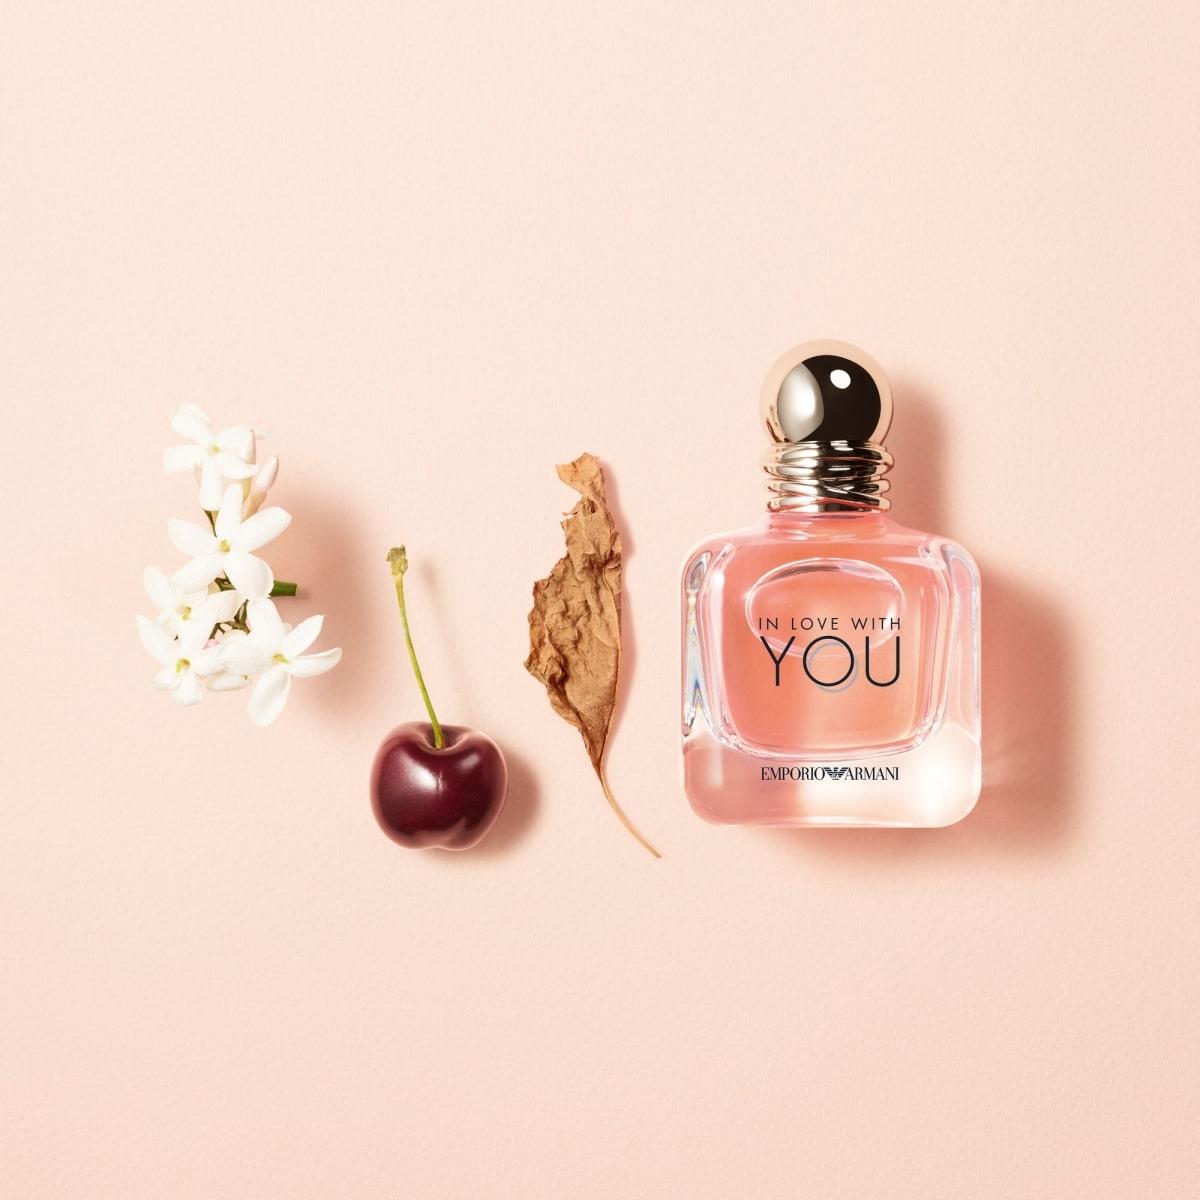 Emporio Parfum With In Love Eau De Armani You DH9IE2